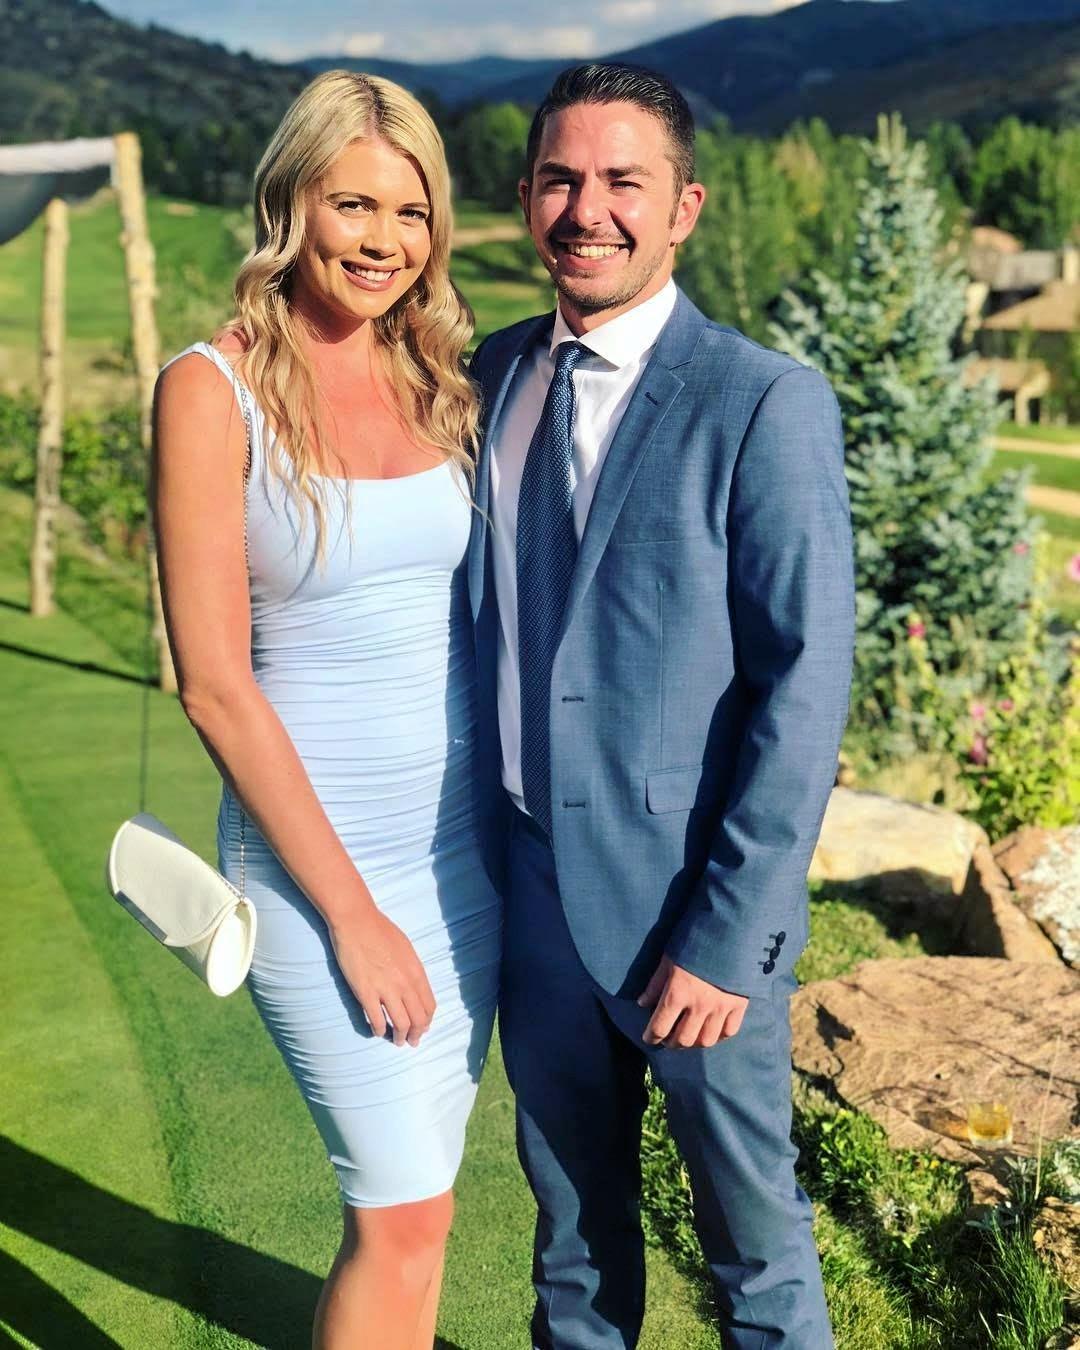 Australian Survivor 2016 contestant Felicity 'Flick' Egginton and fiancé Jonathan 'JJ' Henry.